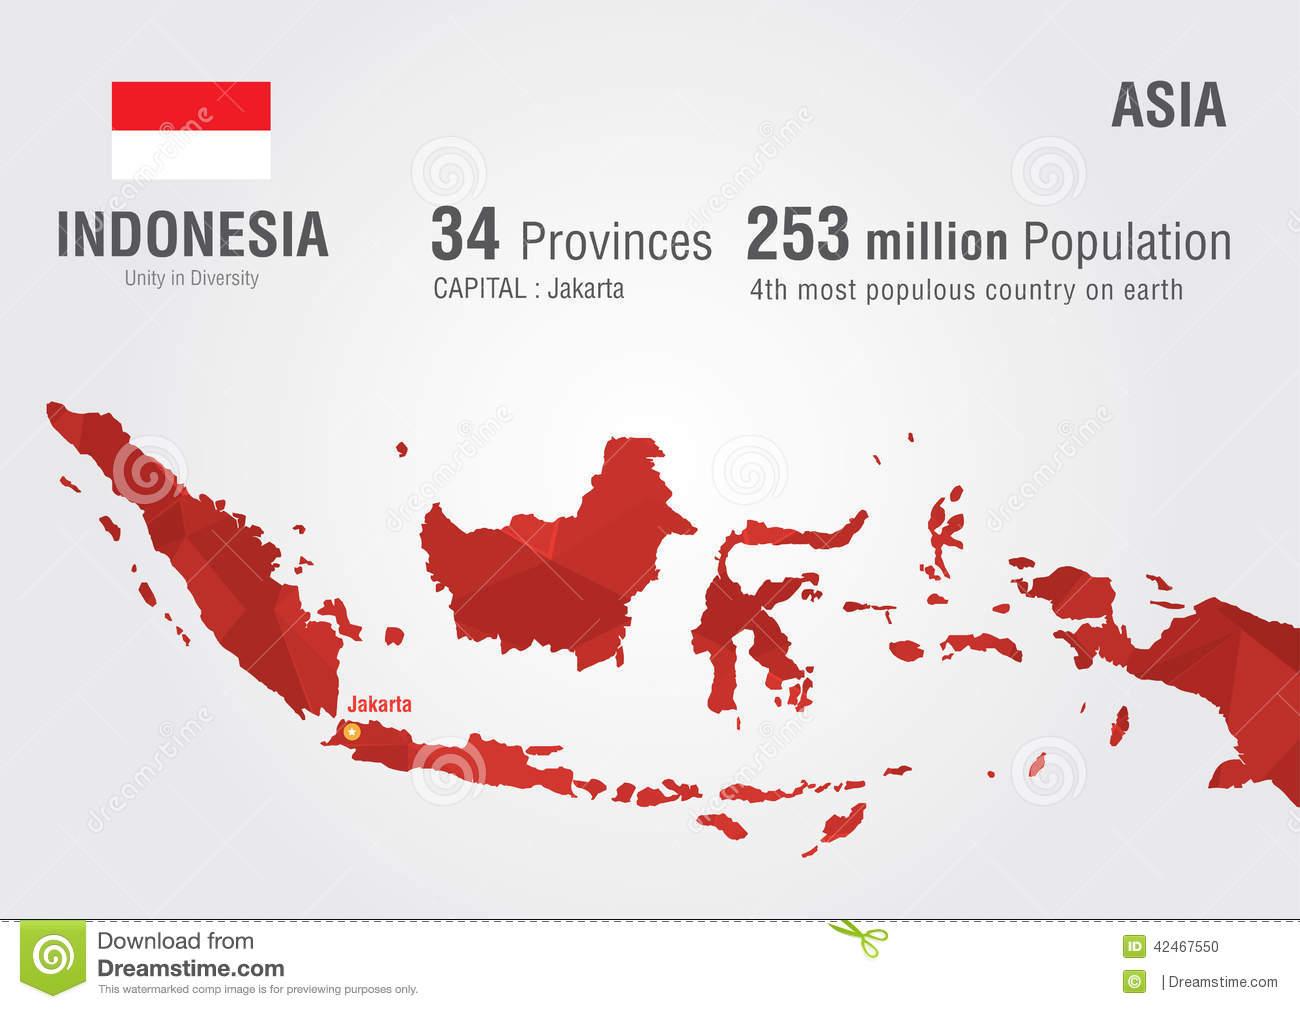 宜诺全自动滚镀镍生产线完工,准备启航印尼!